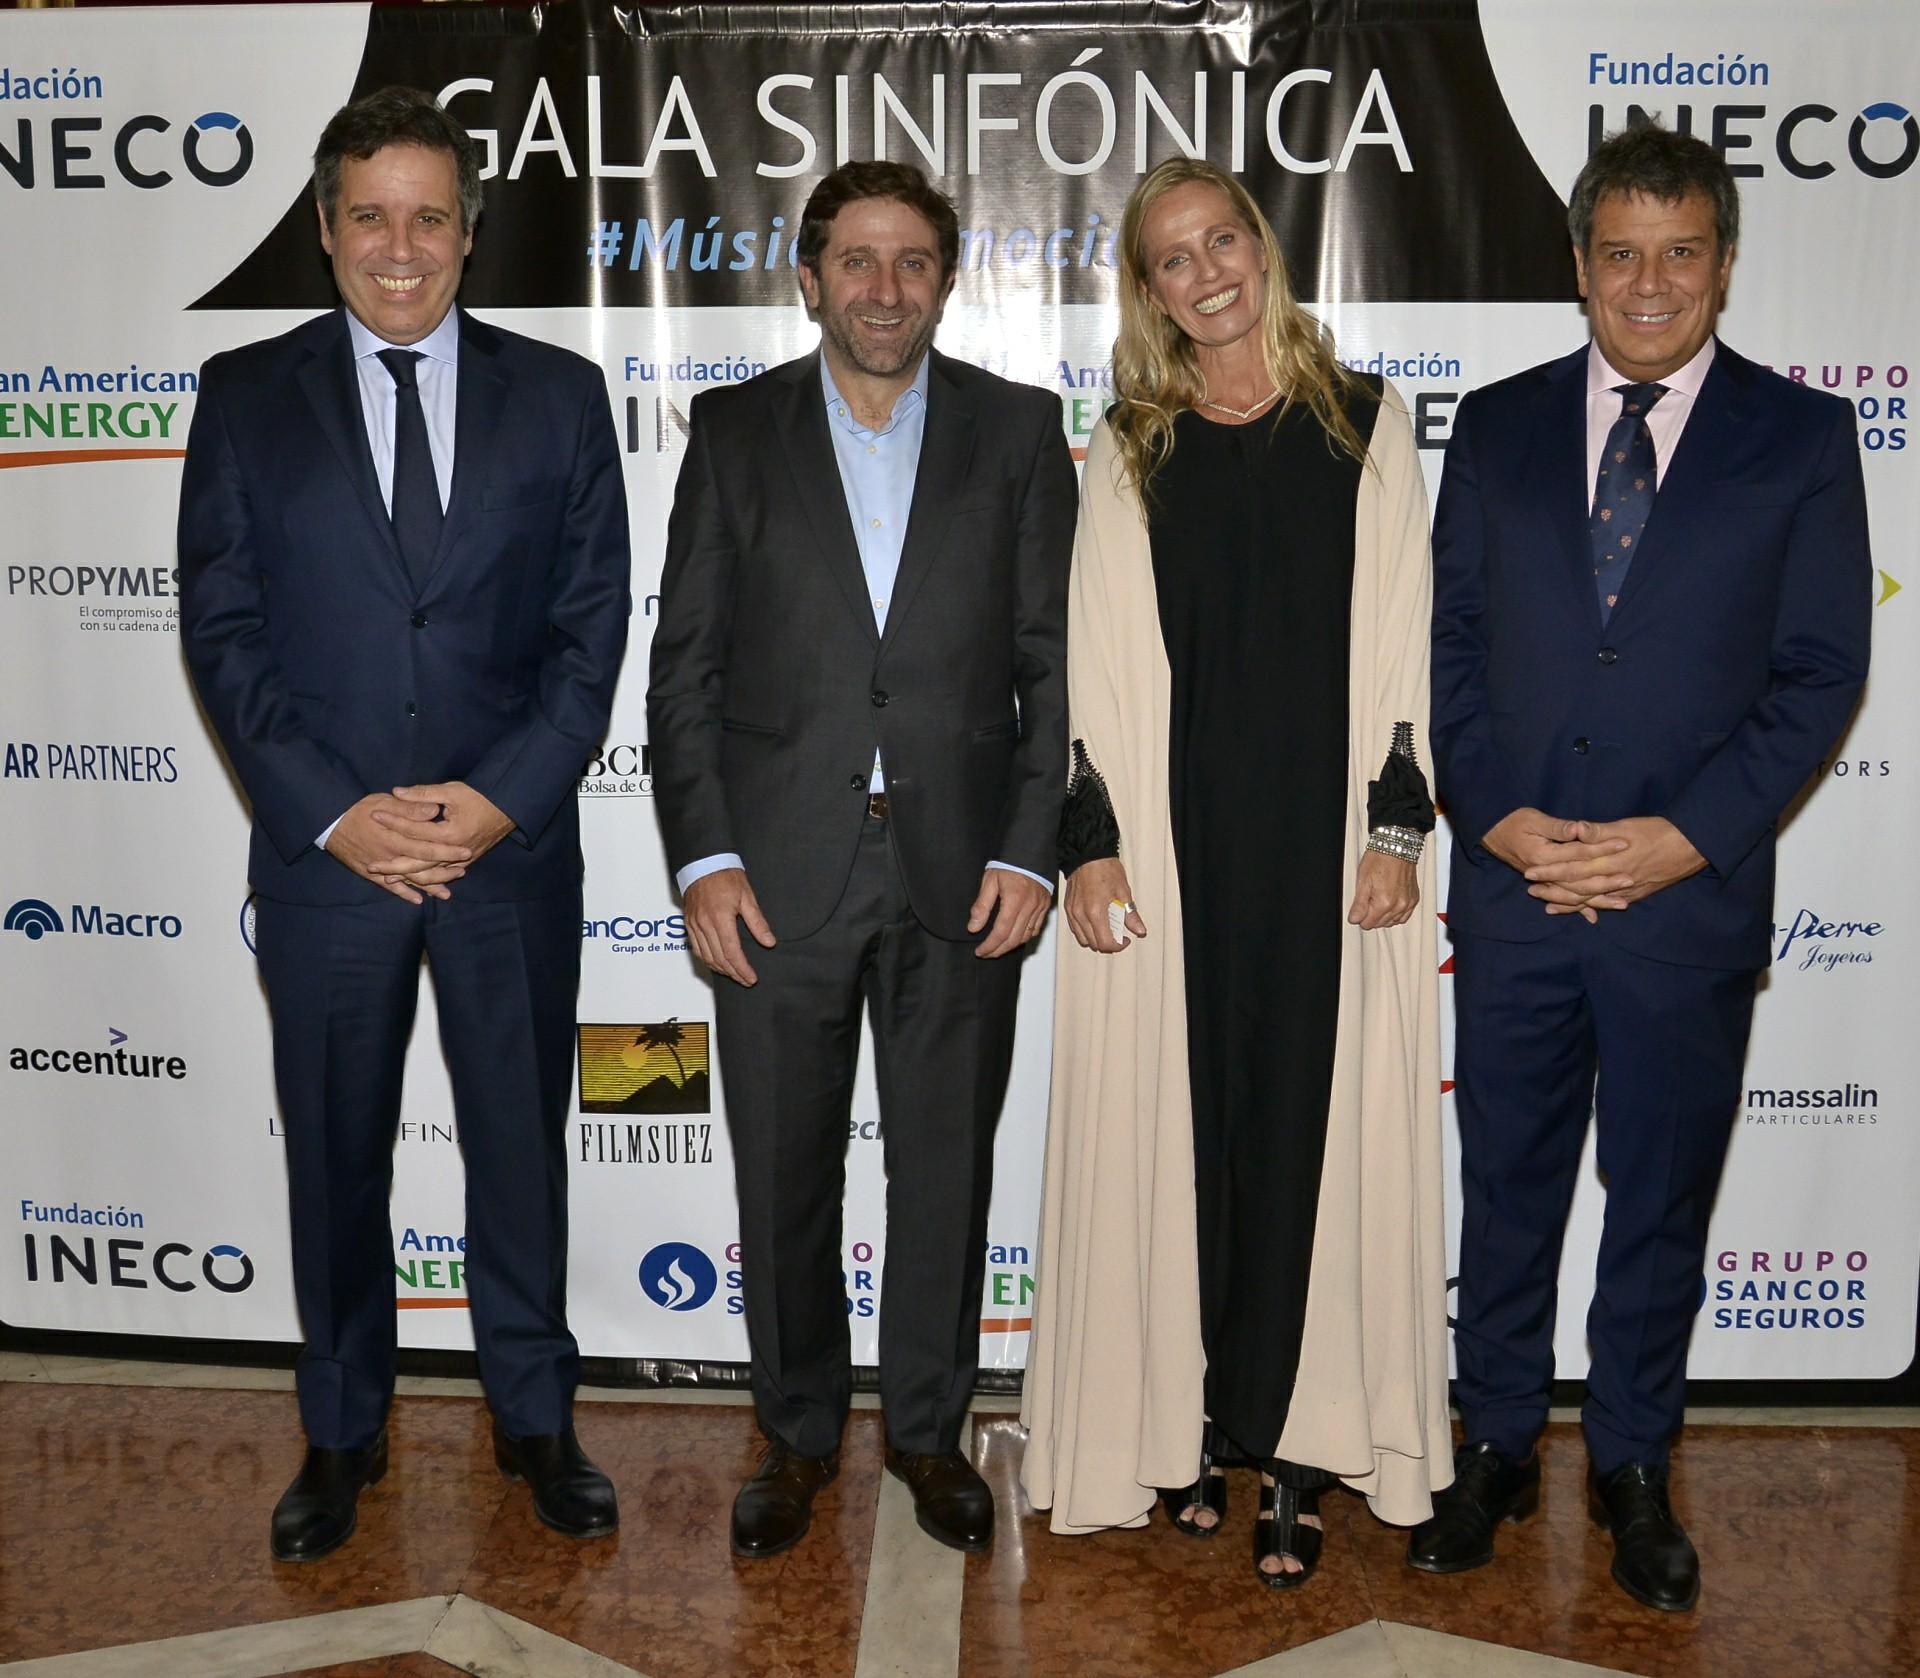 El abogado Gastón Manes, presidente del Grupo INECO, el Secretario General y de Relaciones Internacionales, Fernando Straface, junto a Teresa Torralva y Facundo Manes